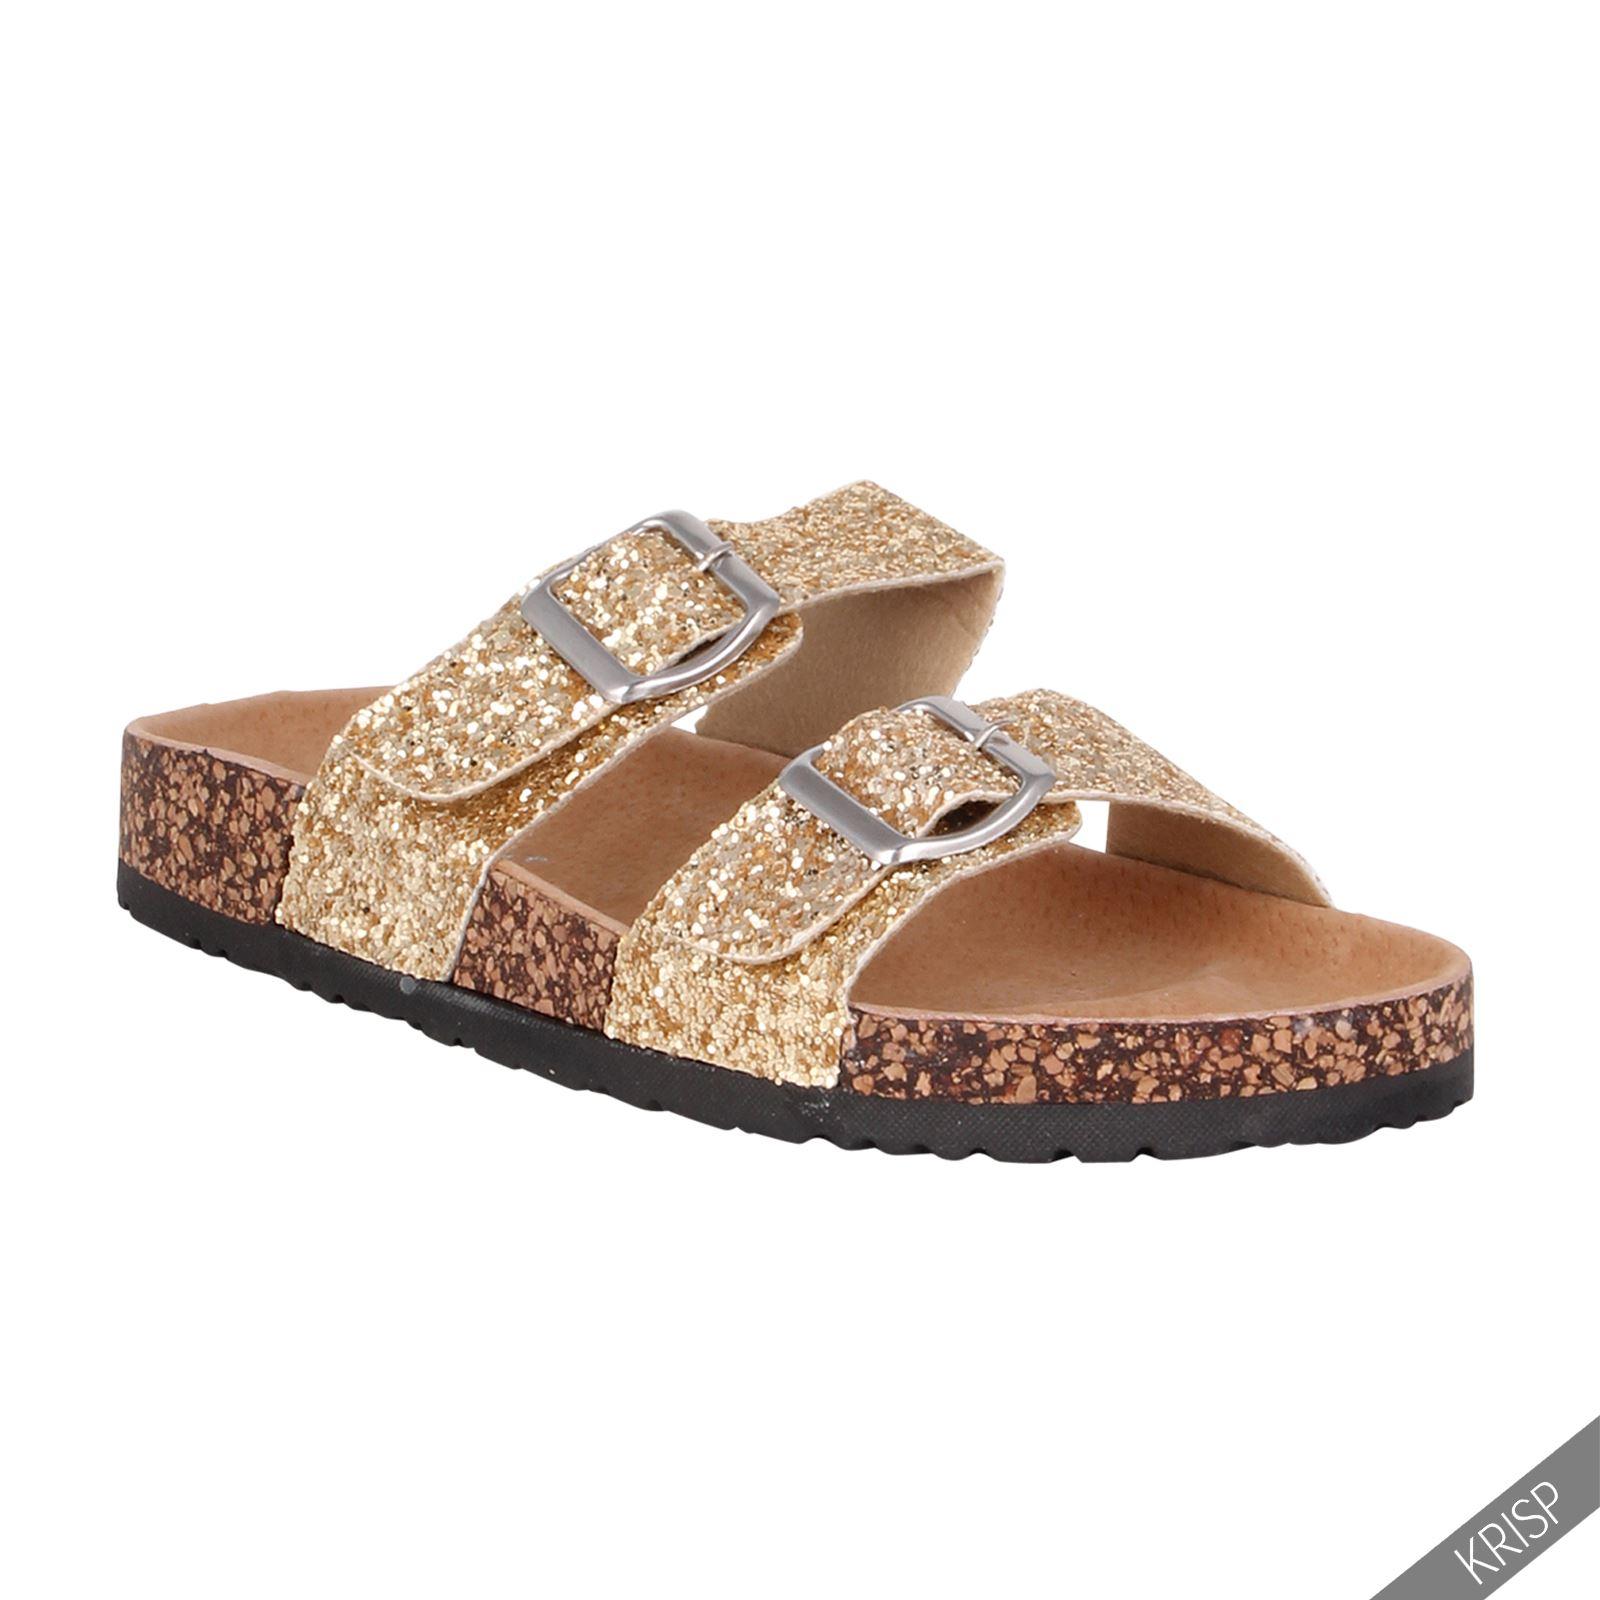 femme sandales plates glitter paillettes mules li ge semelle cuir nouveau ebay. Black Bedroom Furniture Sets. Home Design Ideas